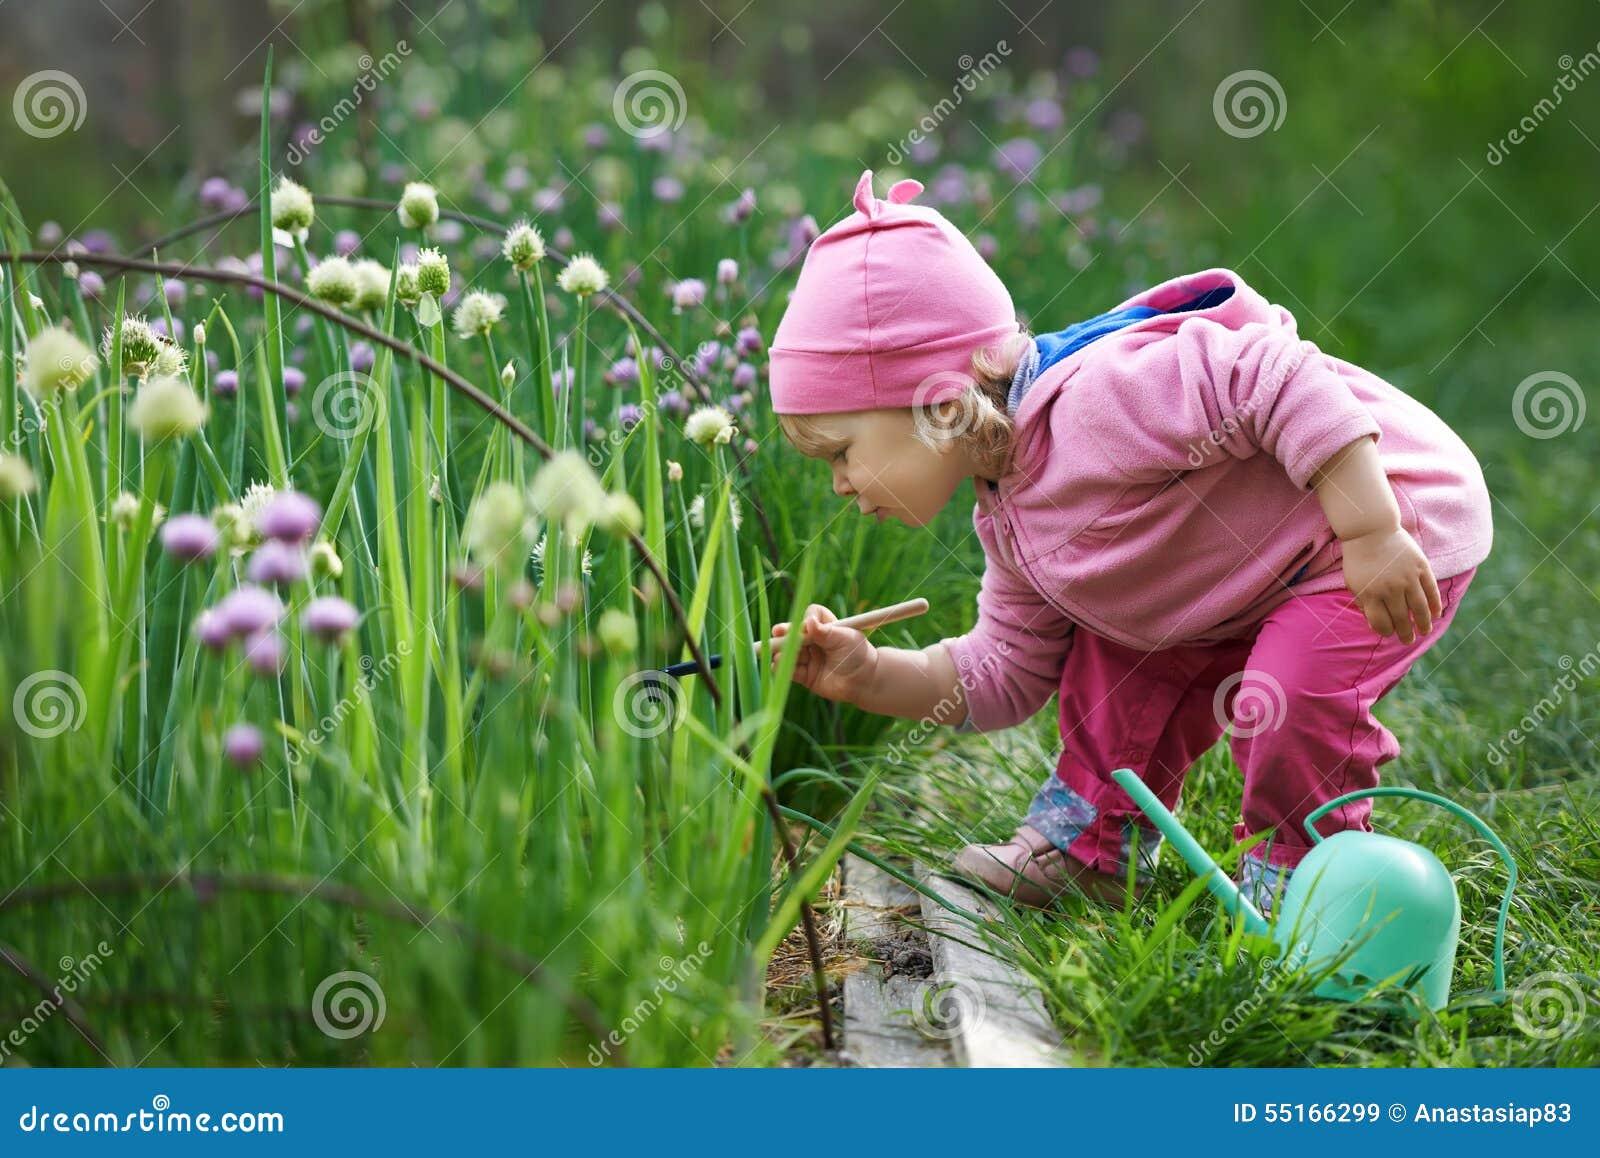 Kleiner Landwirt, der Zwiebeln im Garten harkt